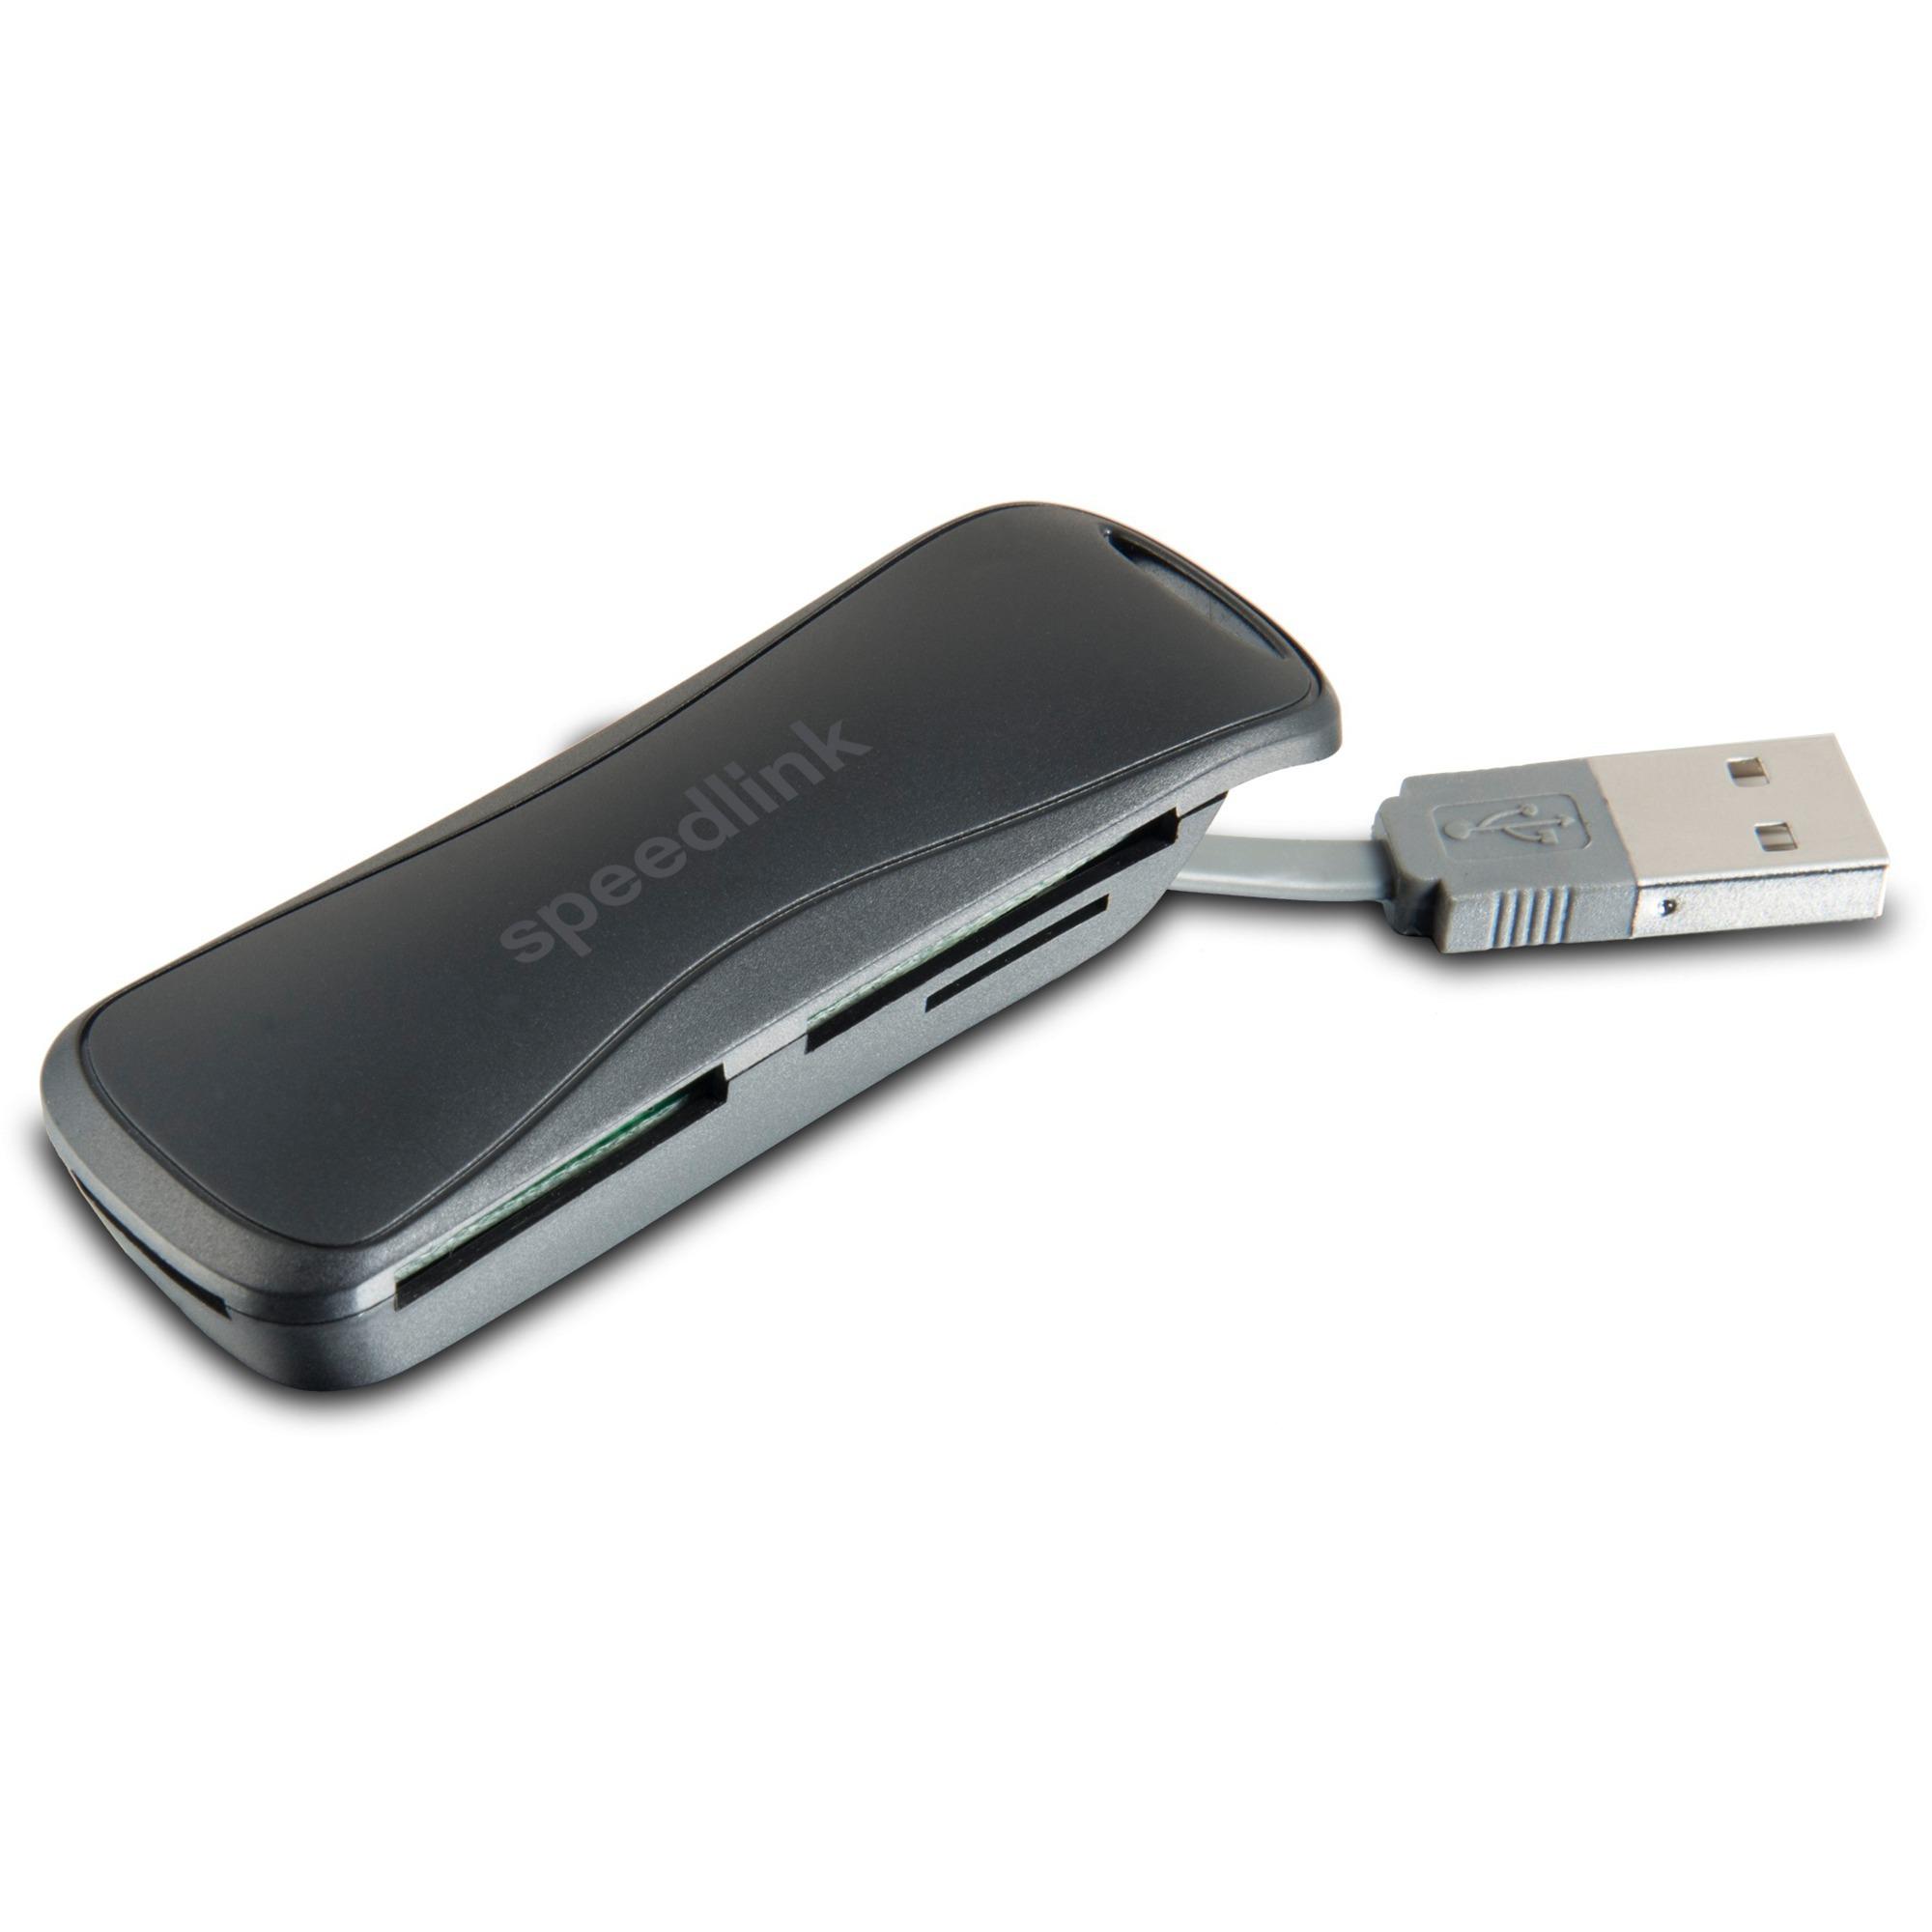 SL-150001-BK USB 2.0 Noir lecteur de carte mémoire